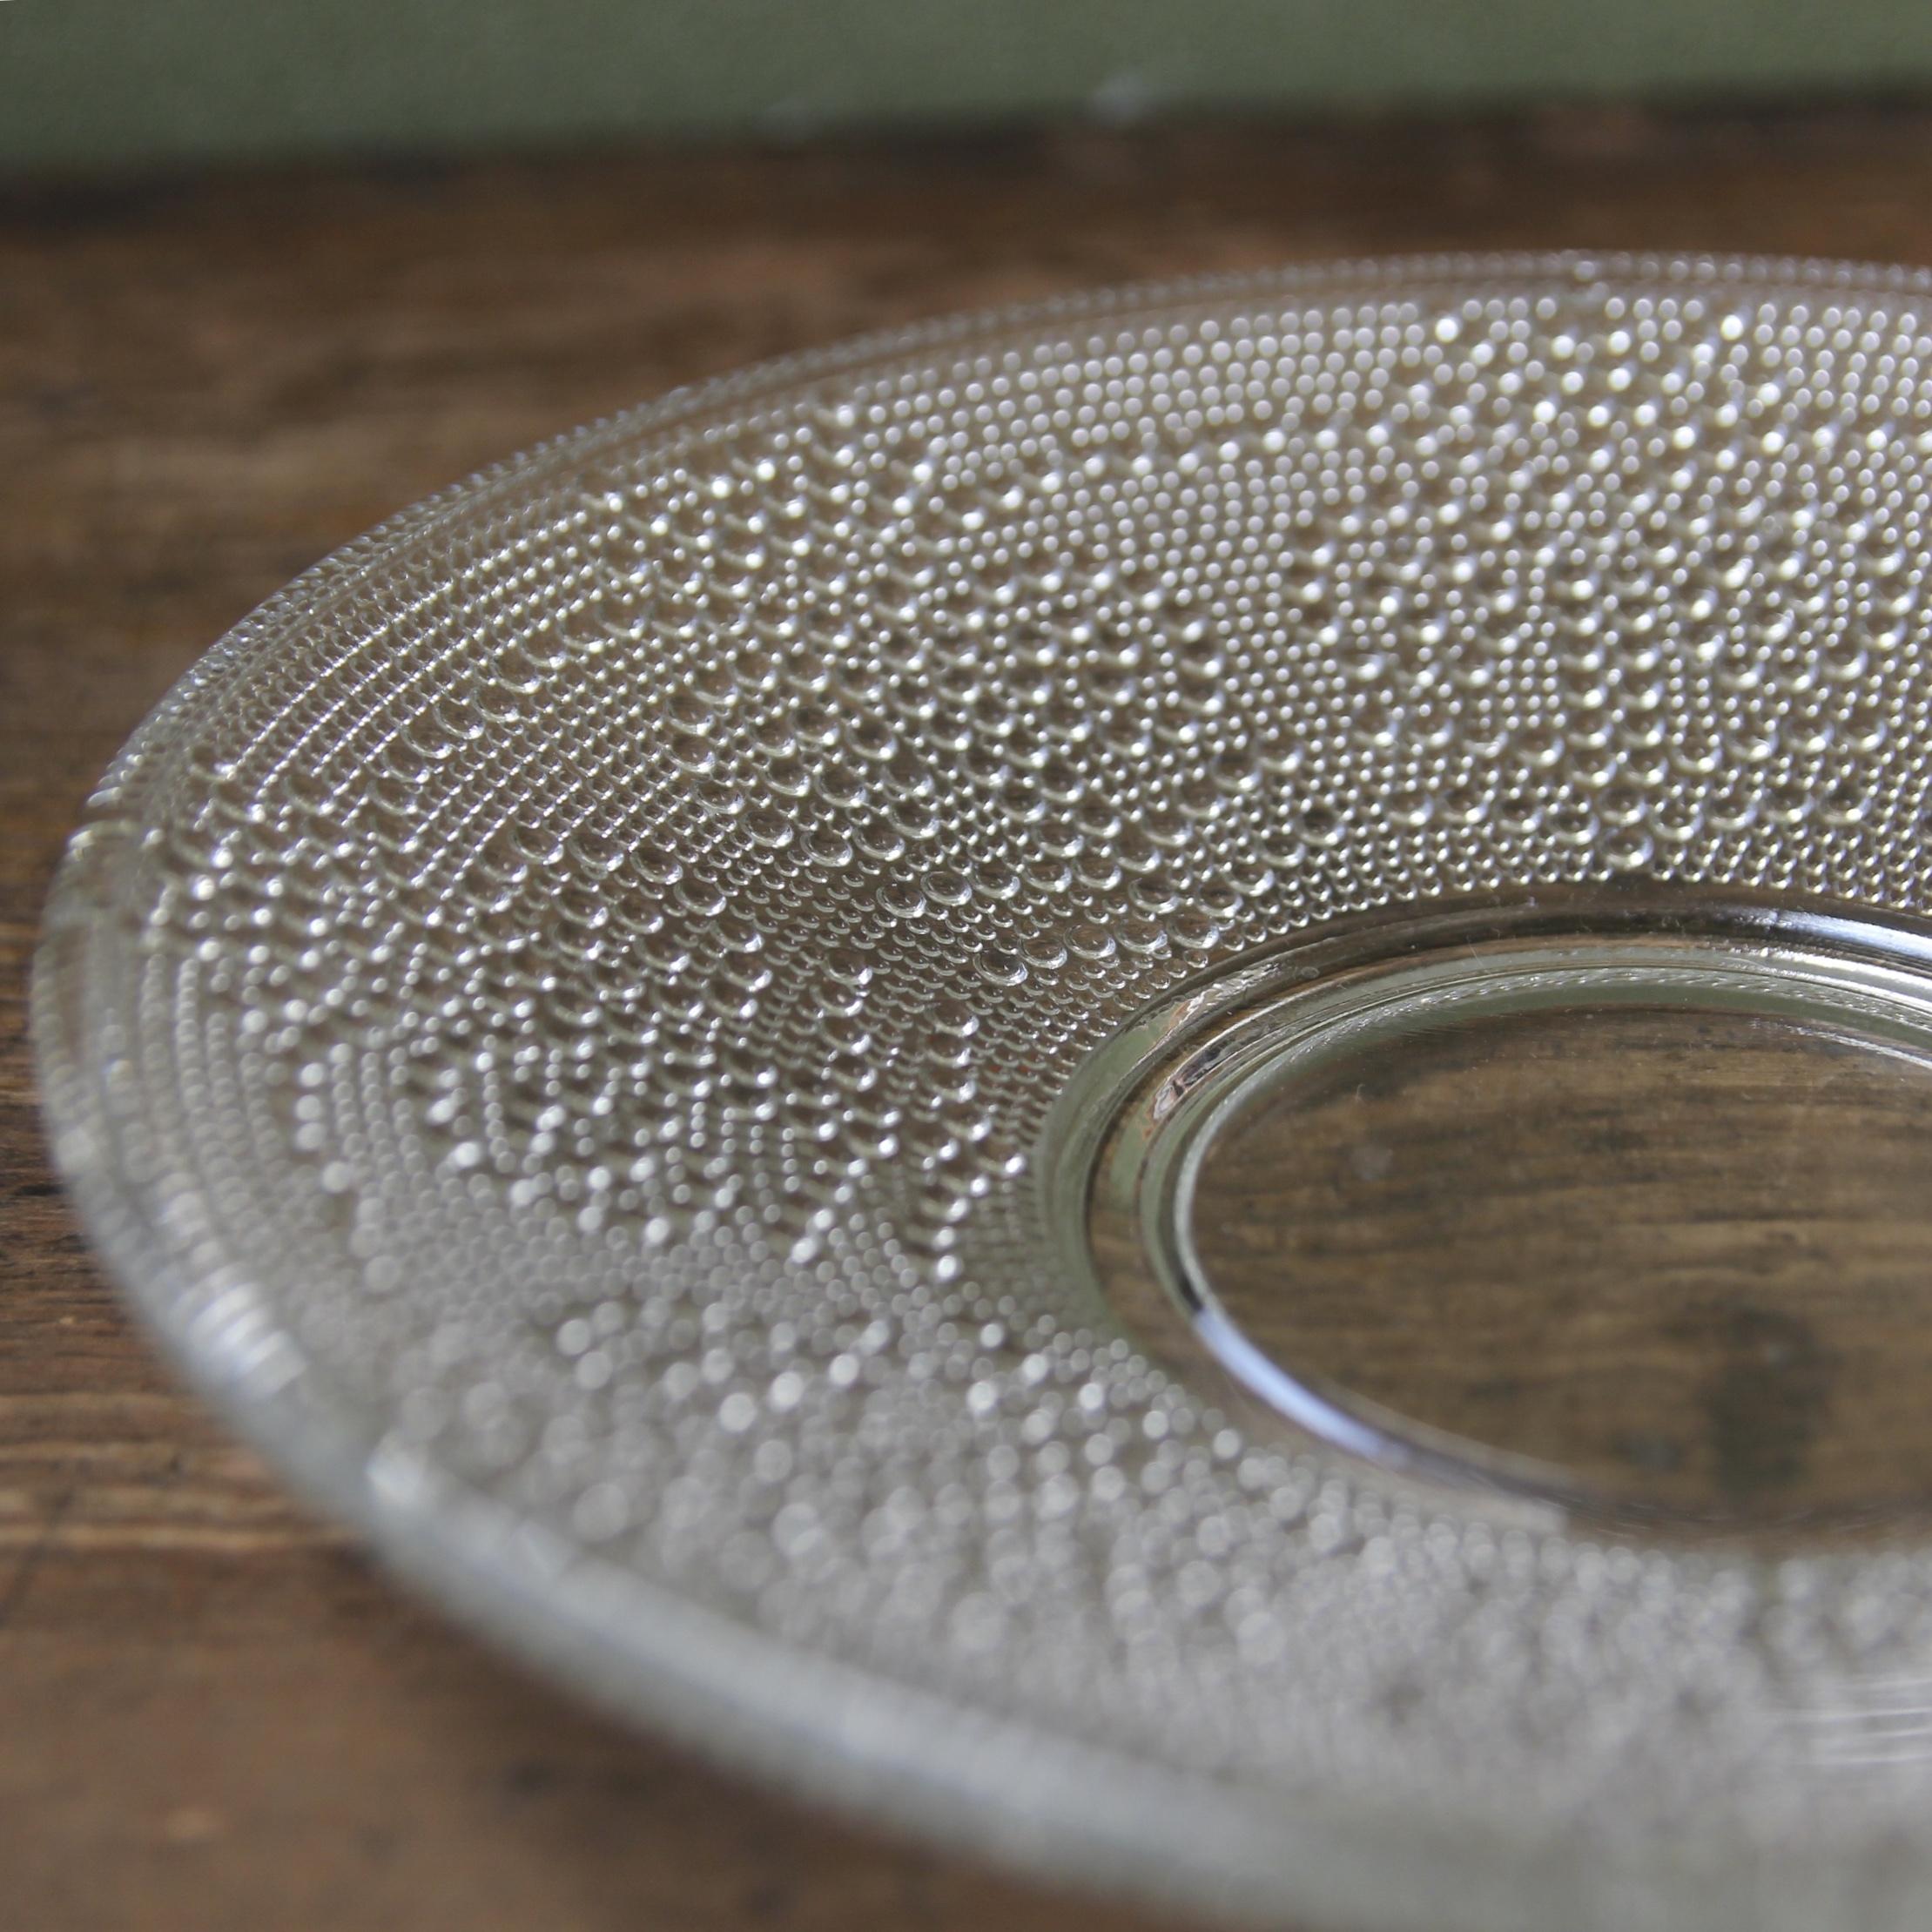 水玉ドットのガラス皿 大 在庫1枚